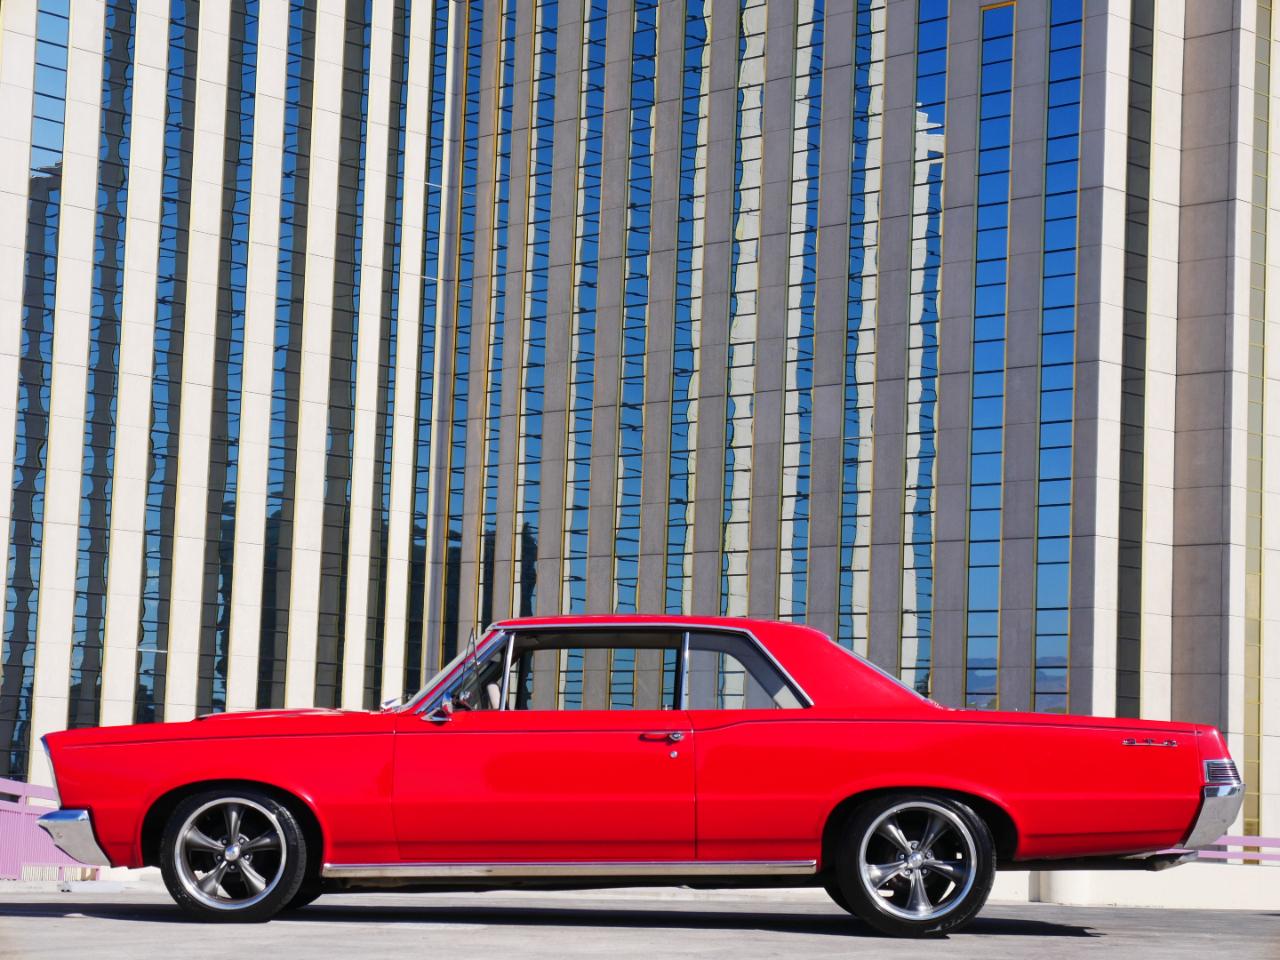 1965 Pontiac Tempest LeMans GTO Clone